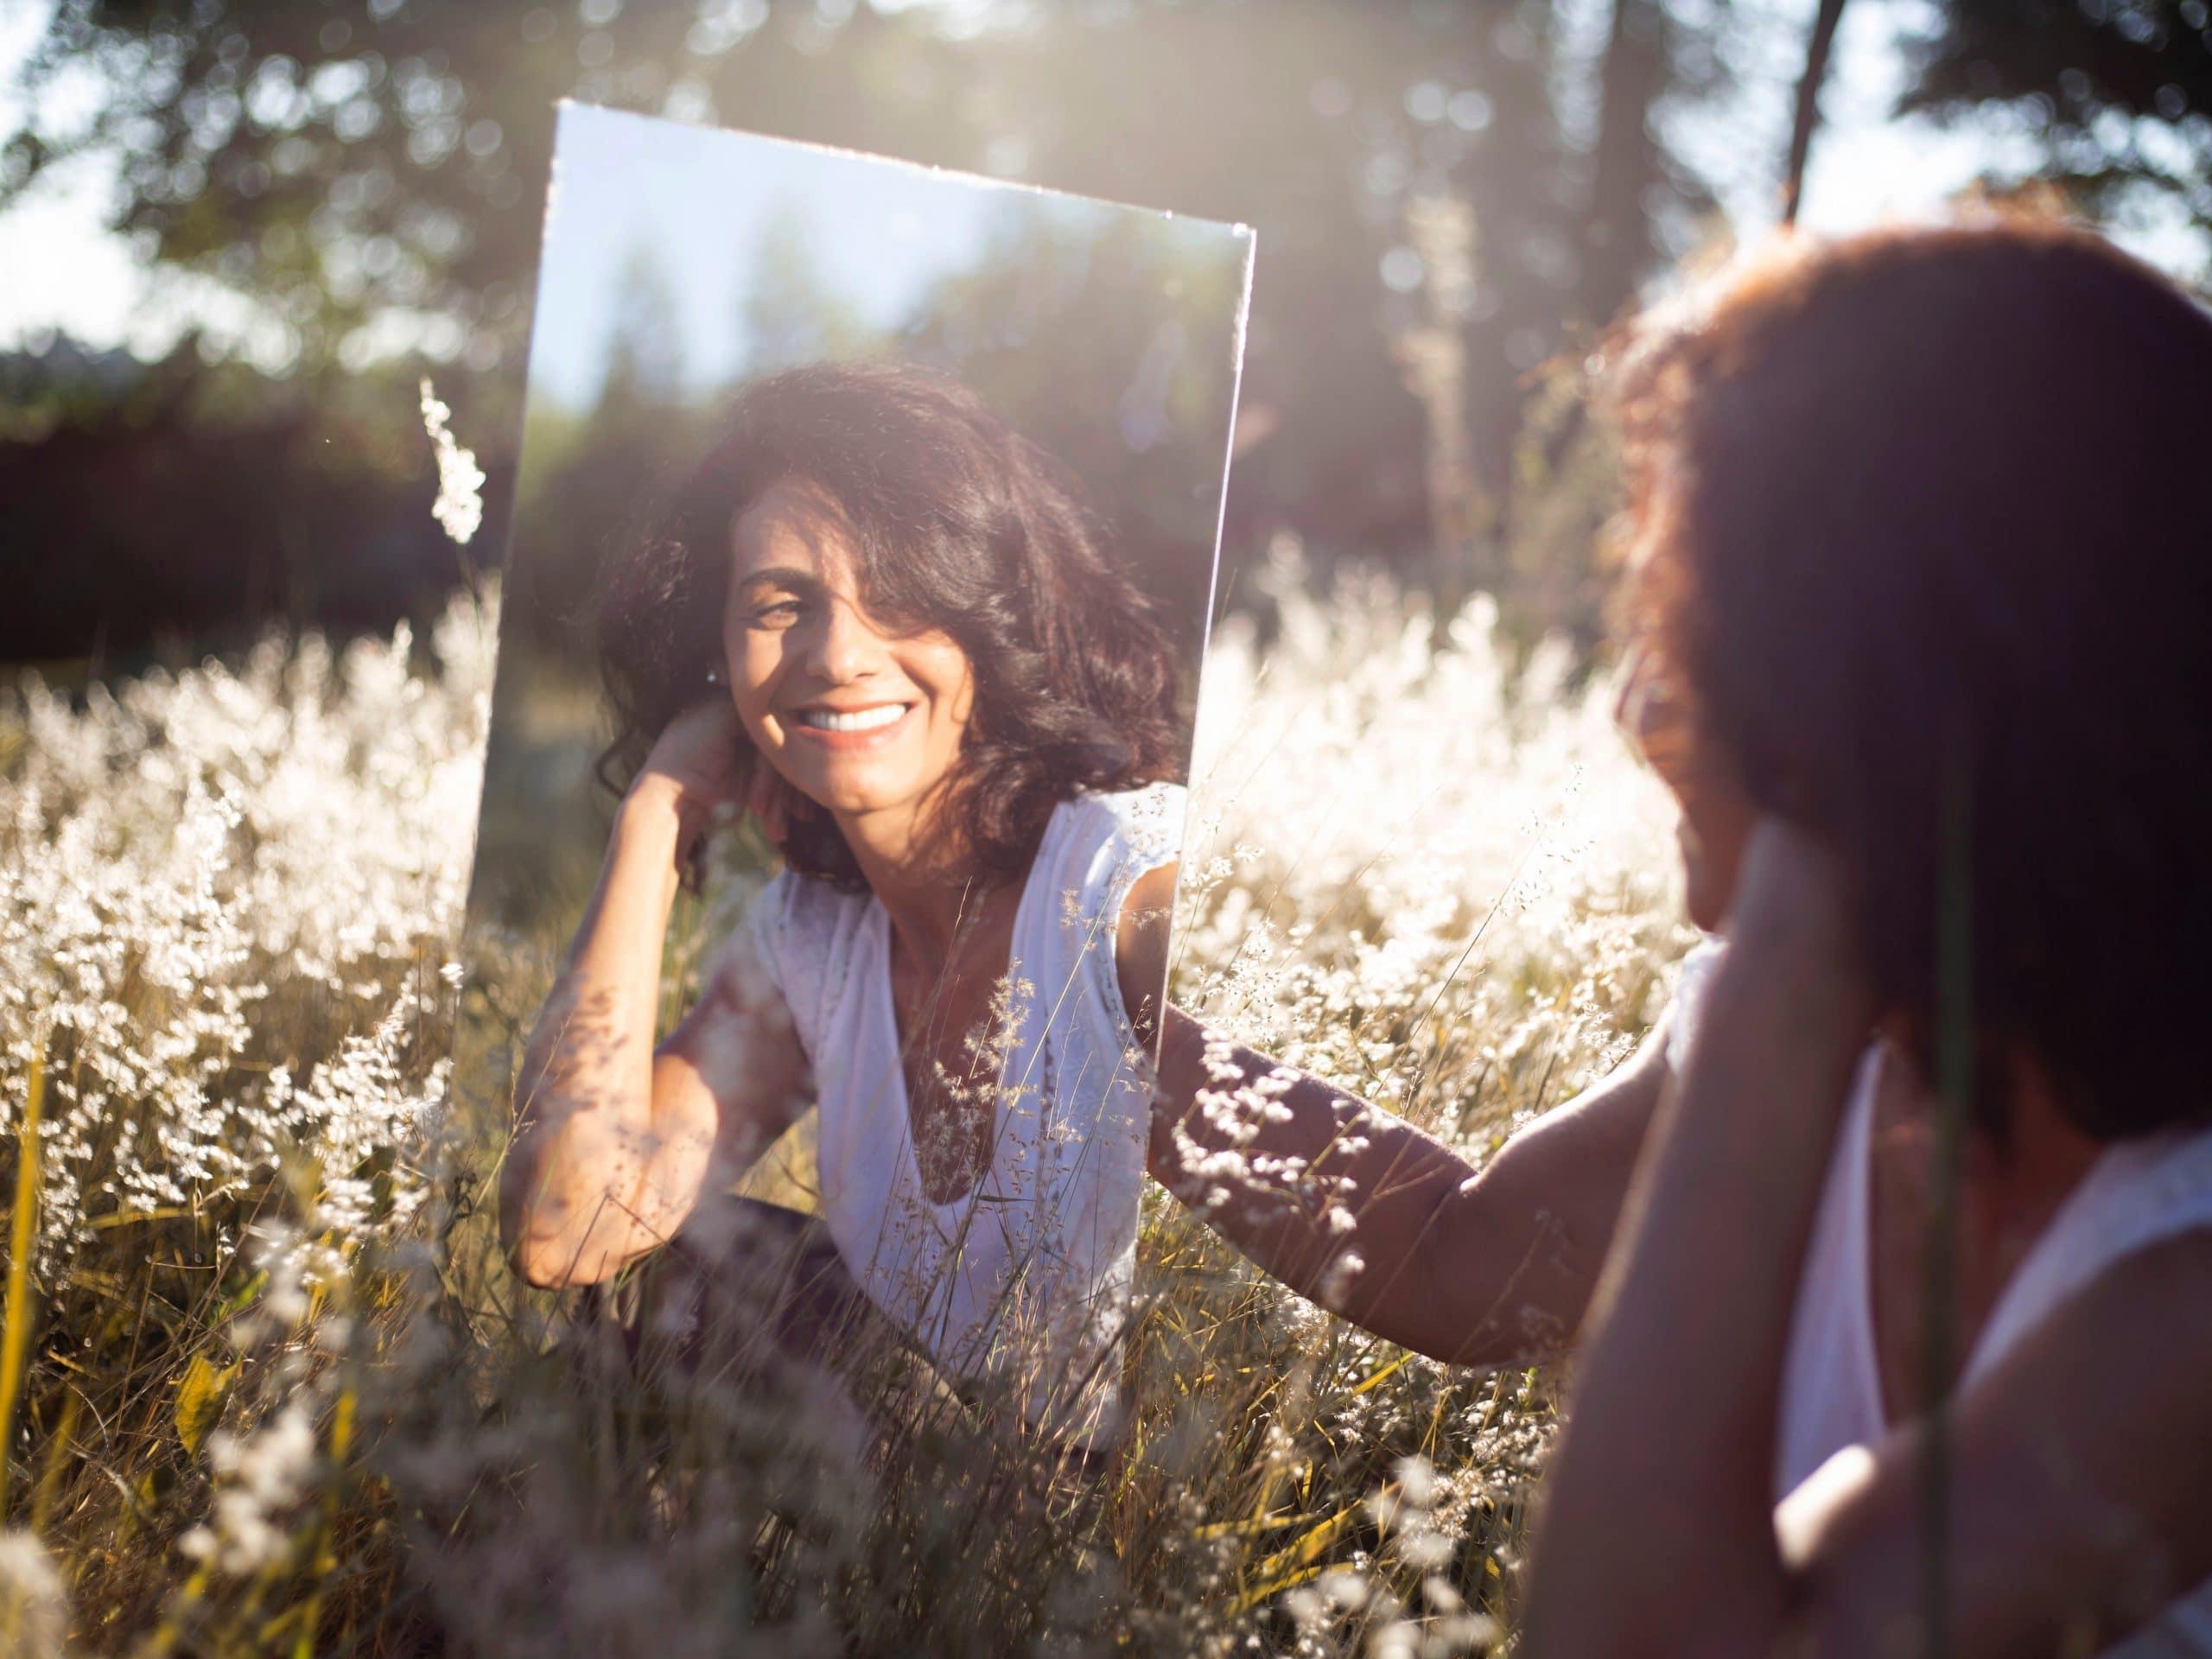 Vieillissement cutané : 7 astuces pour bien vieillir